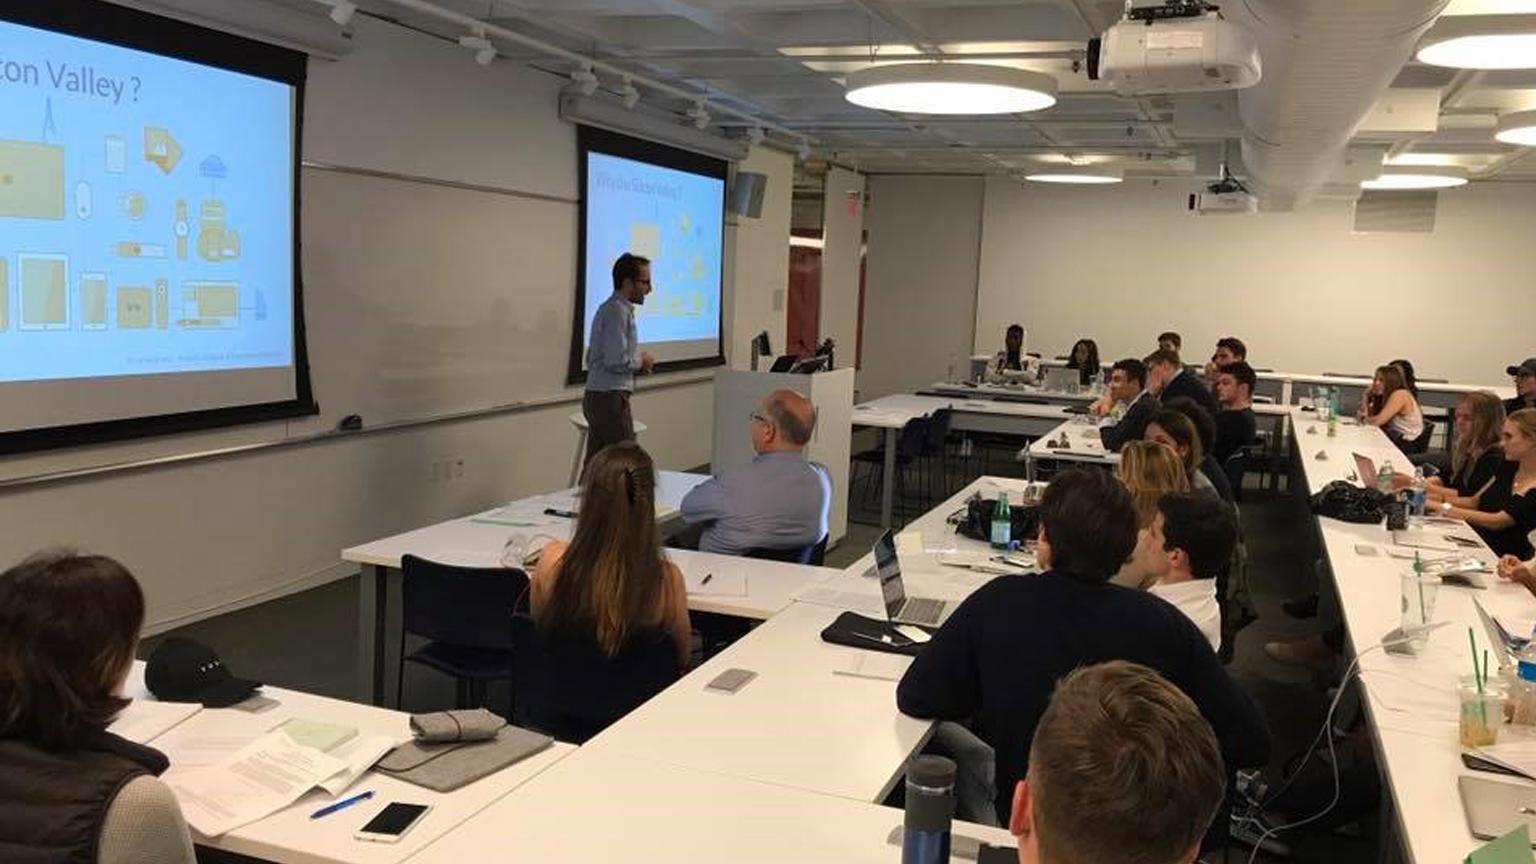 Silvio sangineto e la sua classe a Silicon Valley